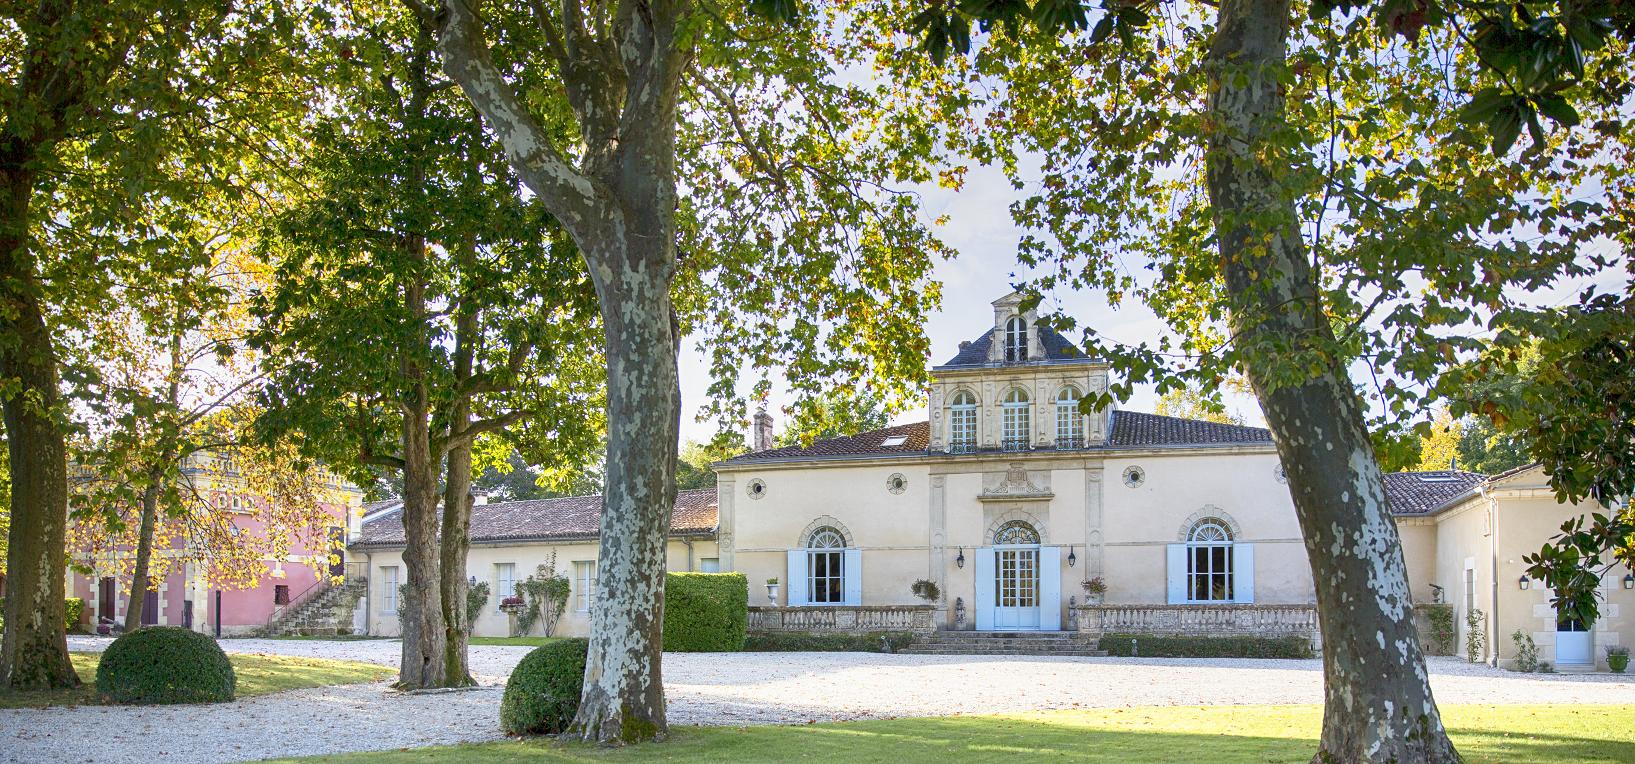 Château Siran - Weingutsgebäude